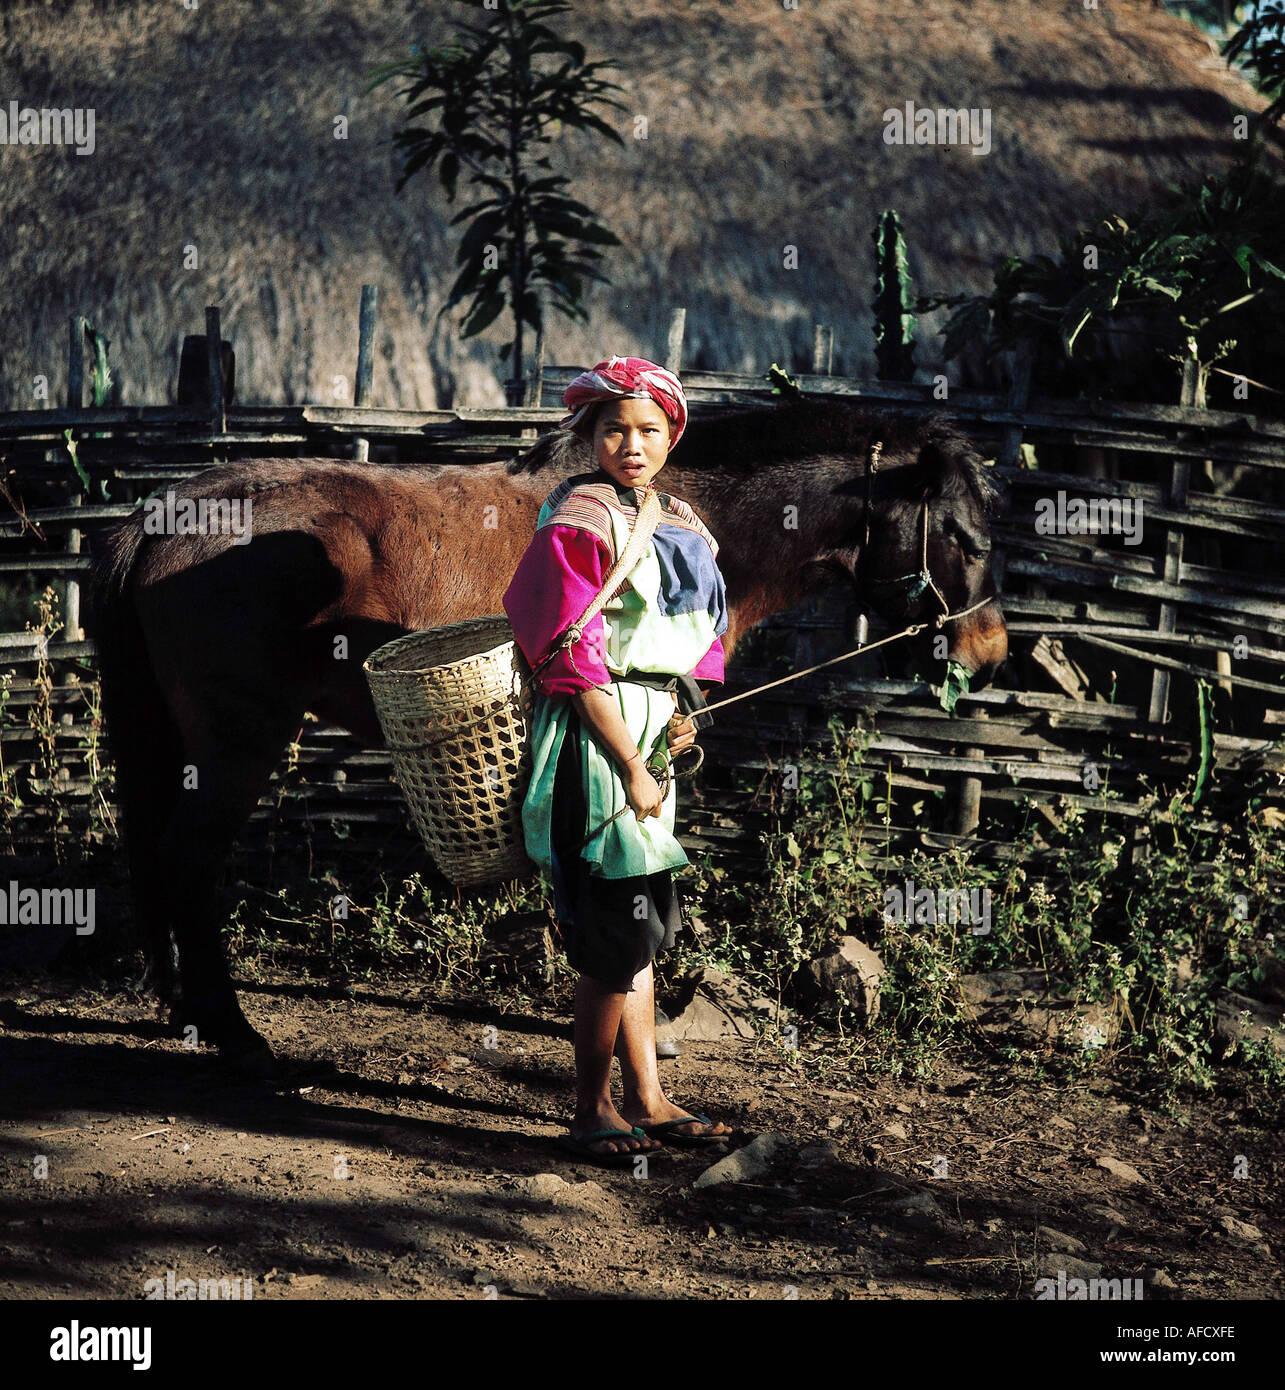 Geografie, Thailand, Menschen, junge Lissu - Frau mit Pferd und Tragekorb, Ganzfigur, Einheimische, Tier, - Stock Image